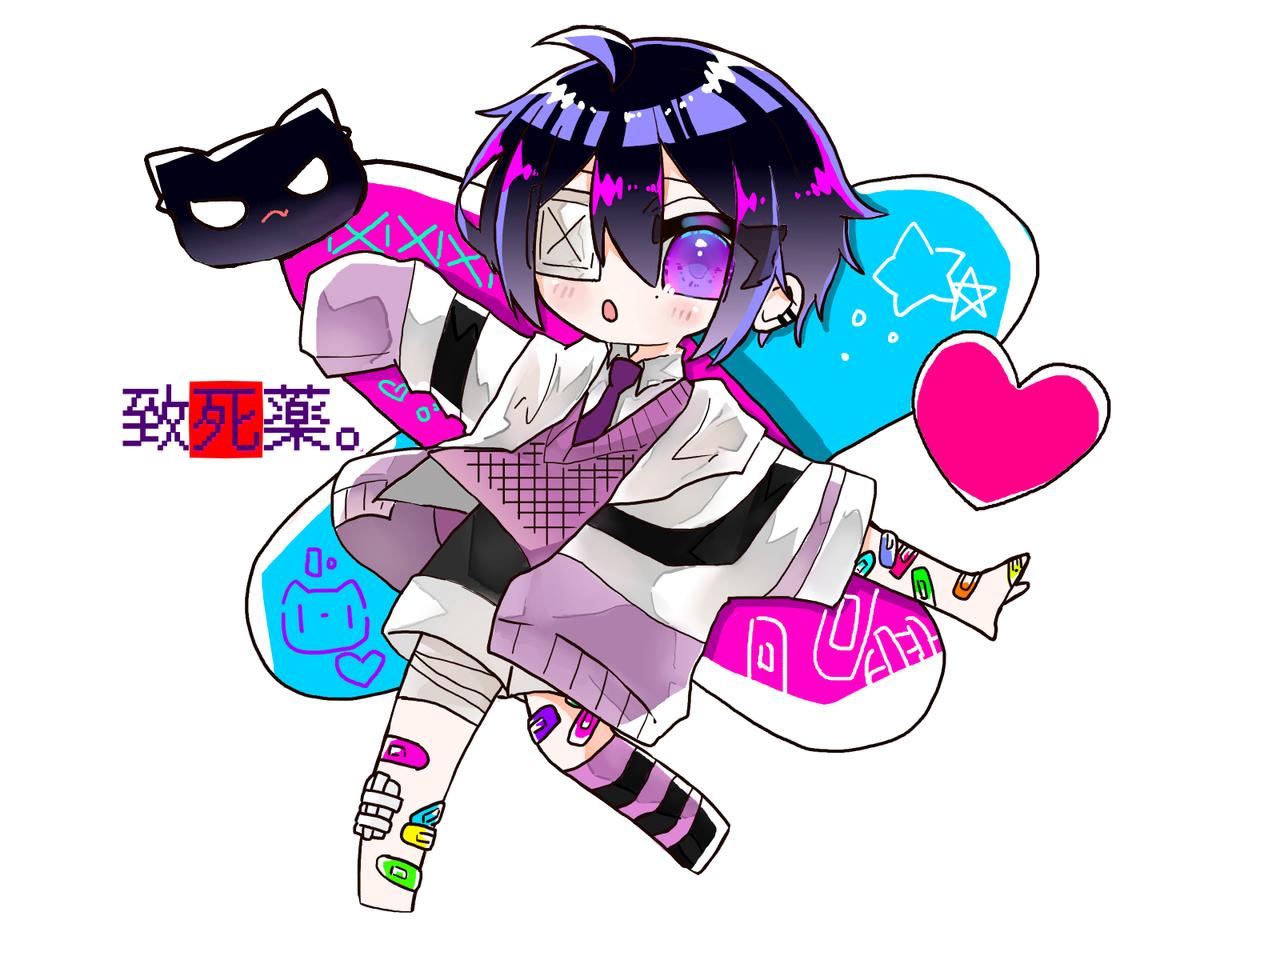 致死薬なの Illust of めだまやき#中2病 digital angel Teる。 練習中 kawaii chibi 致死薬。くん 代理 頑張った